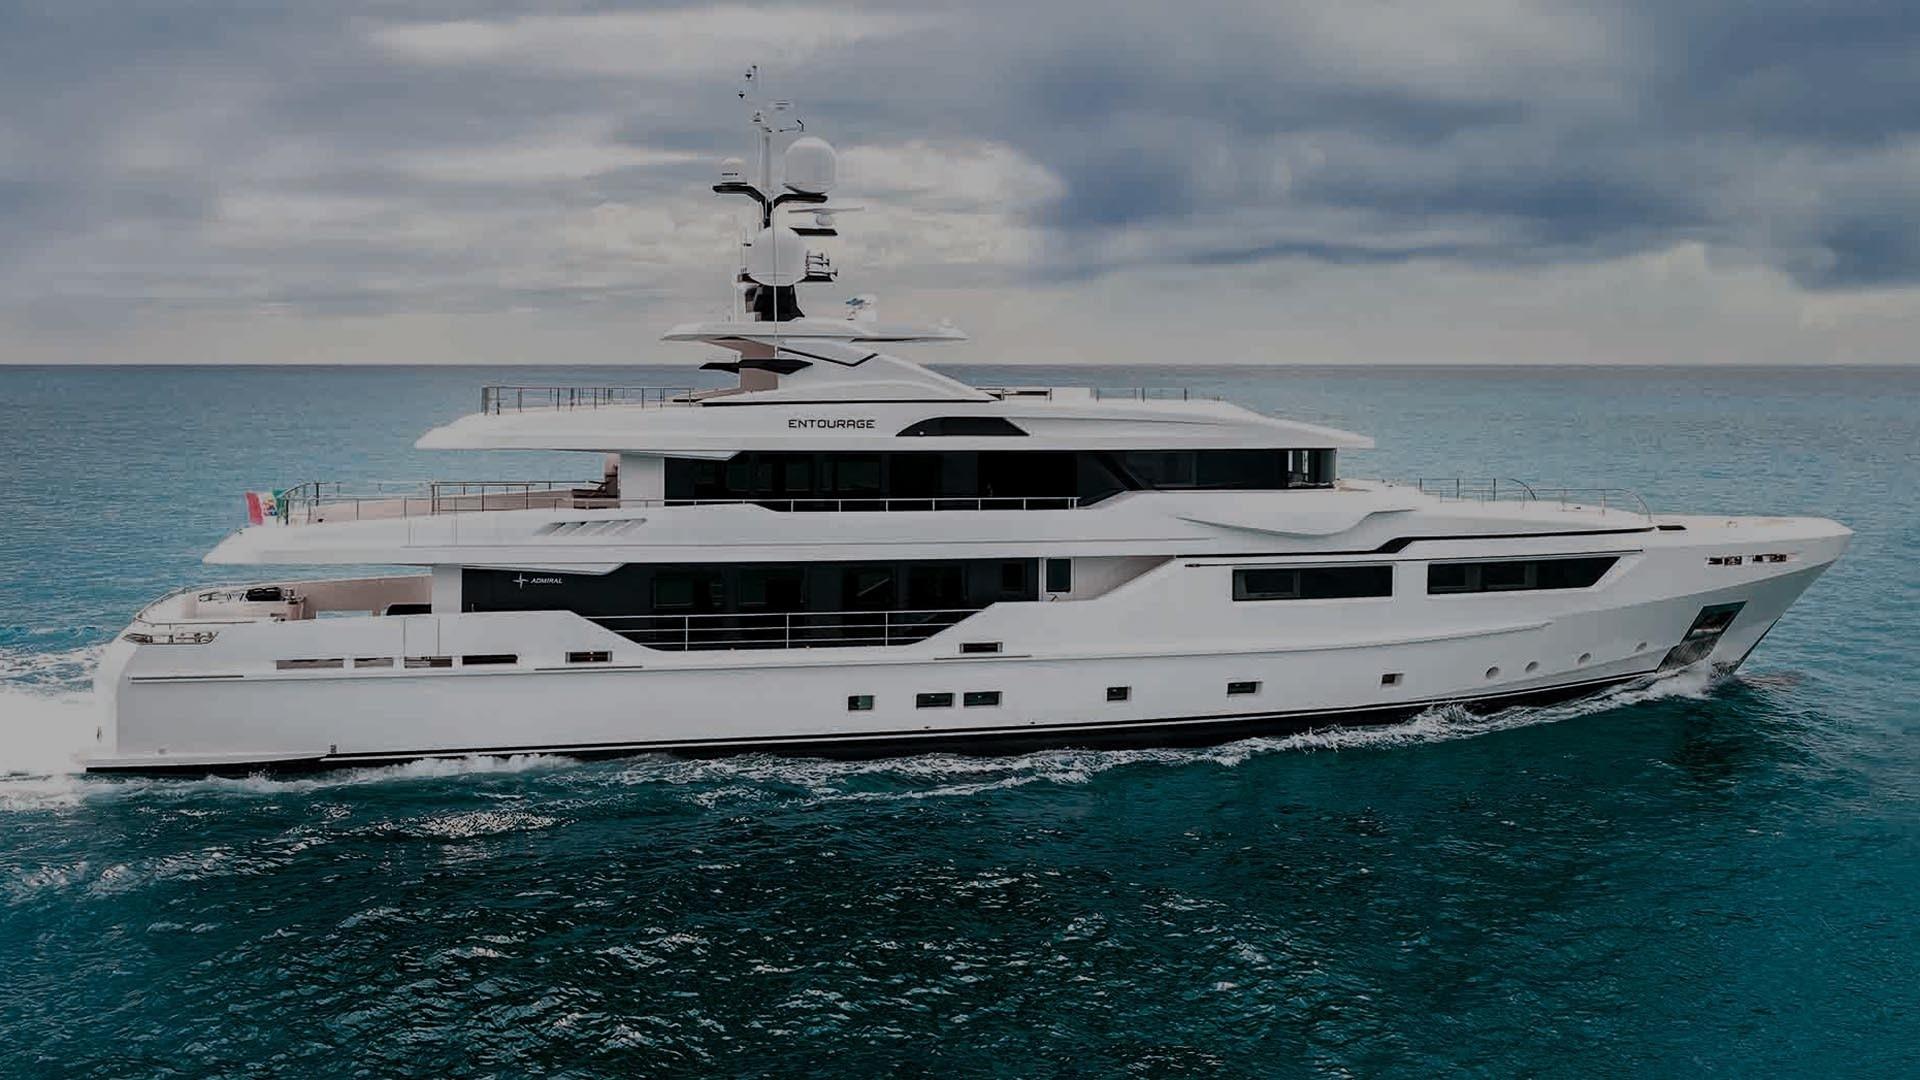 The 47m Yacht ENTOURAGE